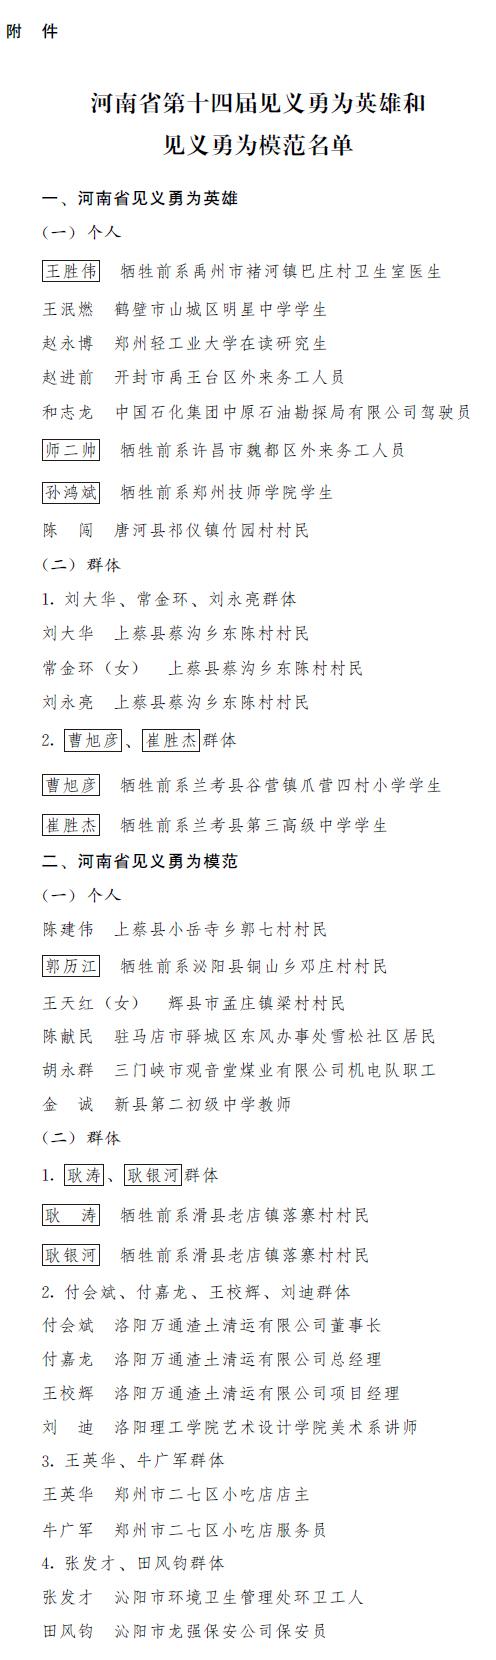 河南省人民政府关于表彰河南省第十四届见义勇为英雄和见义勇为模范的决定